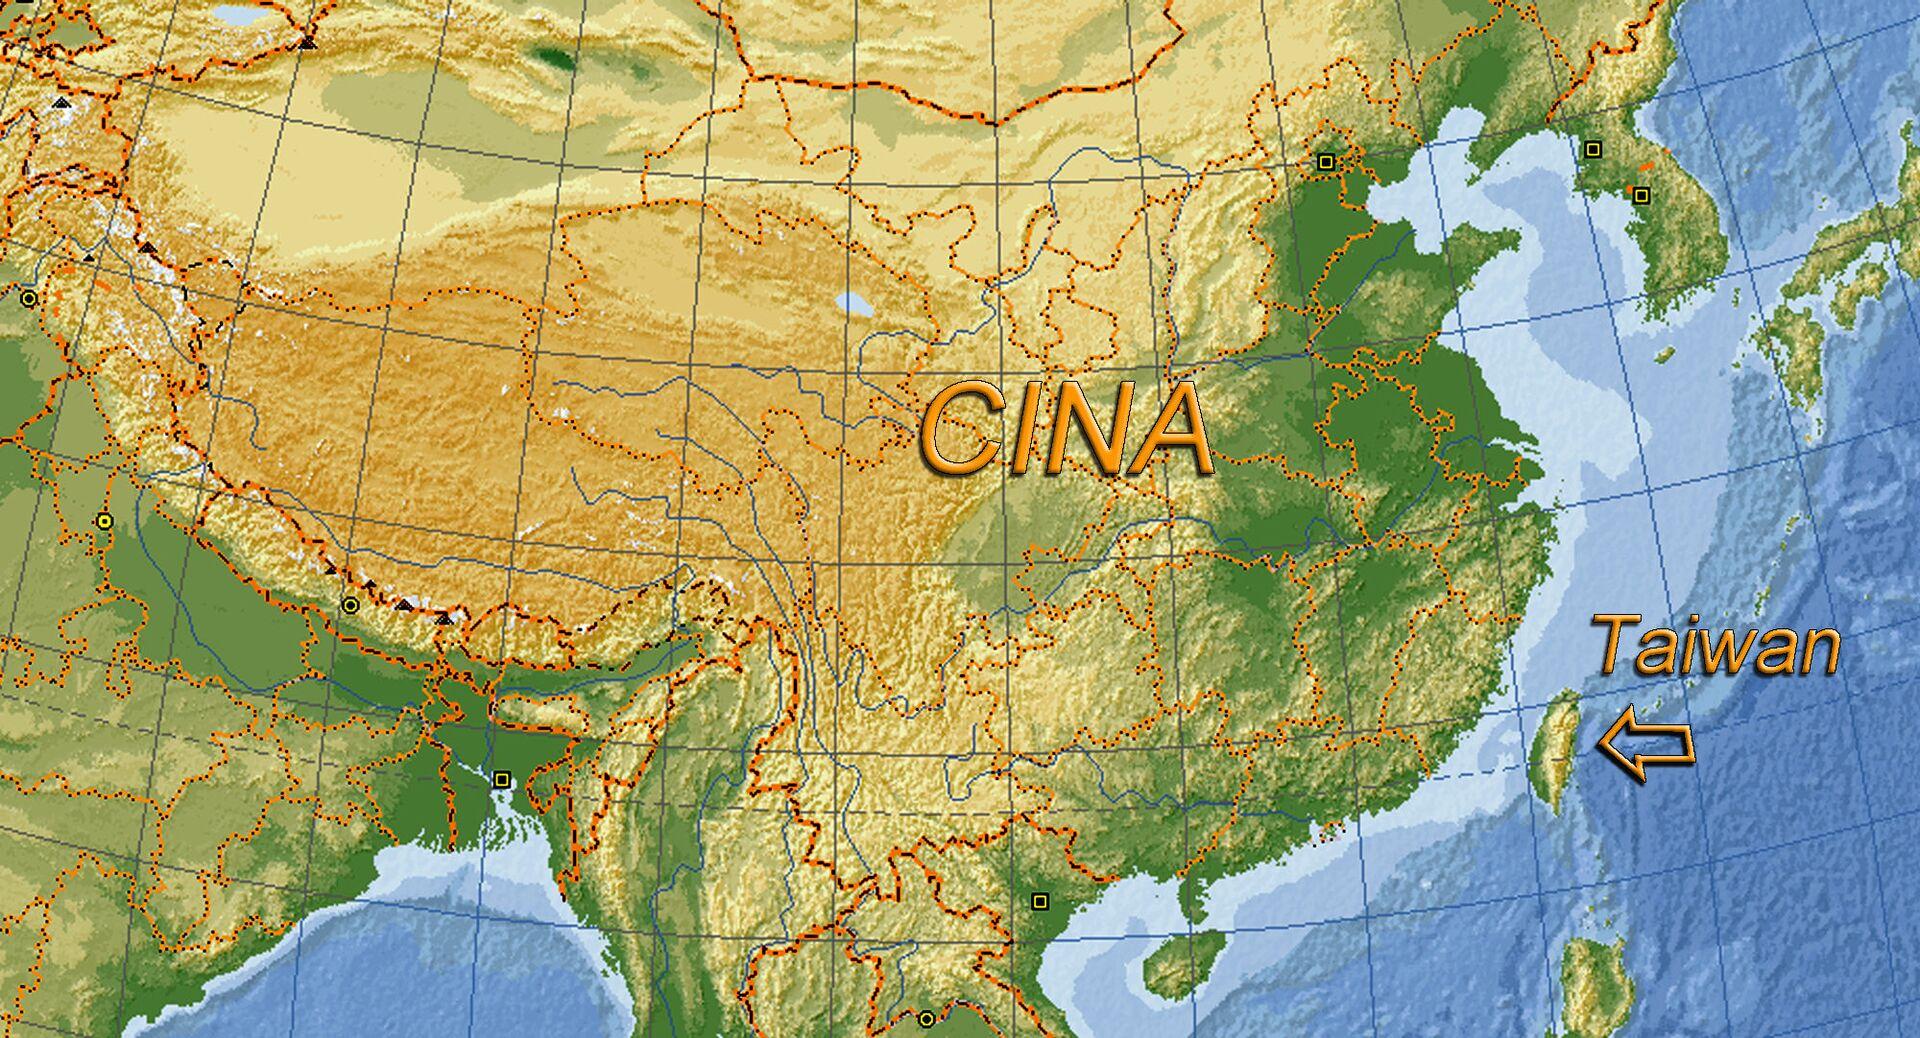 Taiwan, posizione sulla mappa - Sputnik Italia, 1920, 14.10.2021